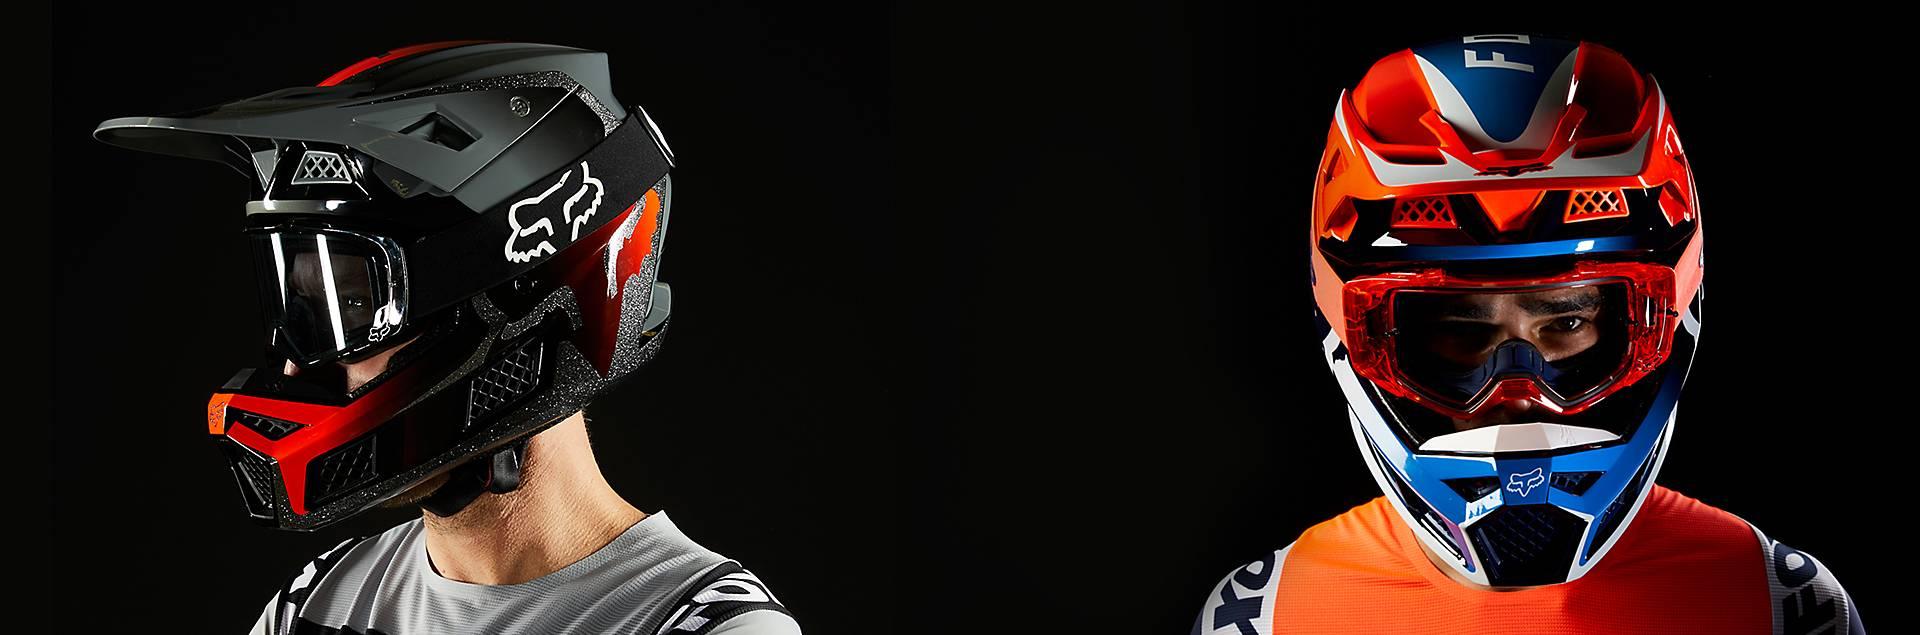 V3 RS Motocross Helmets